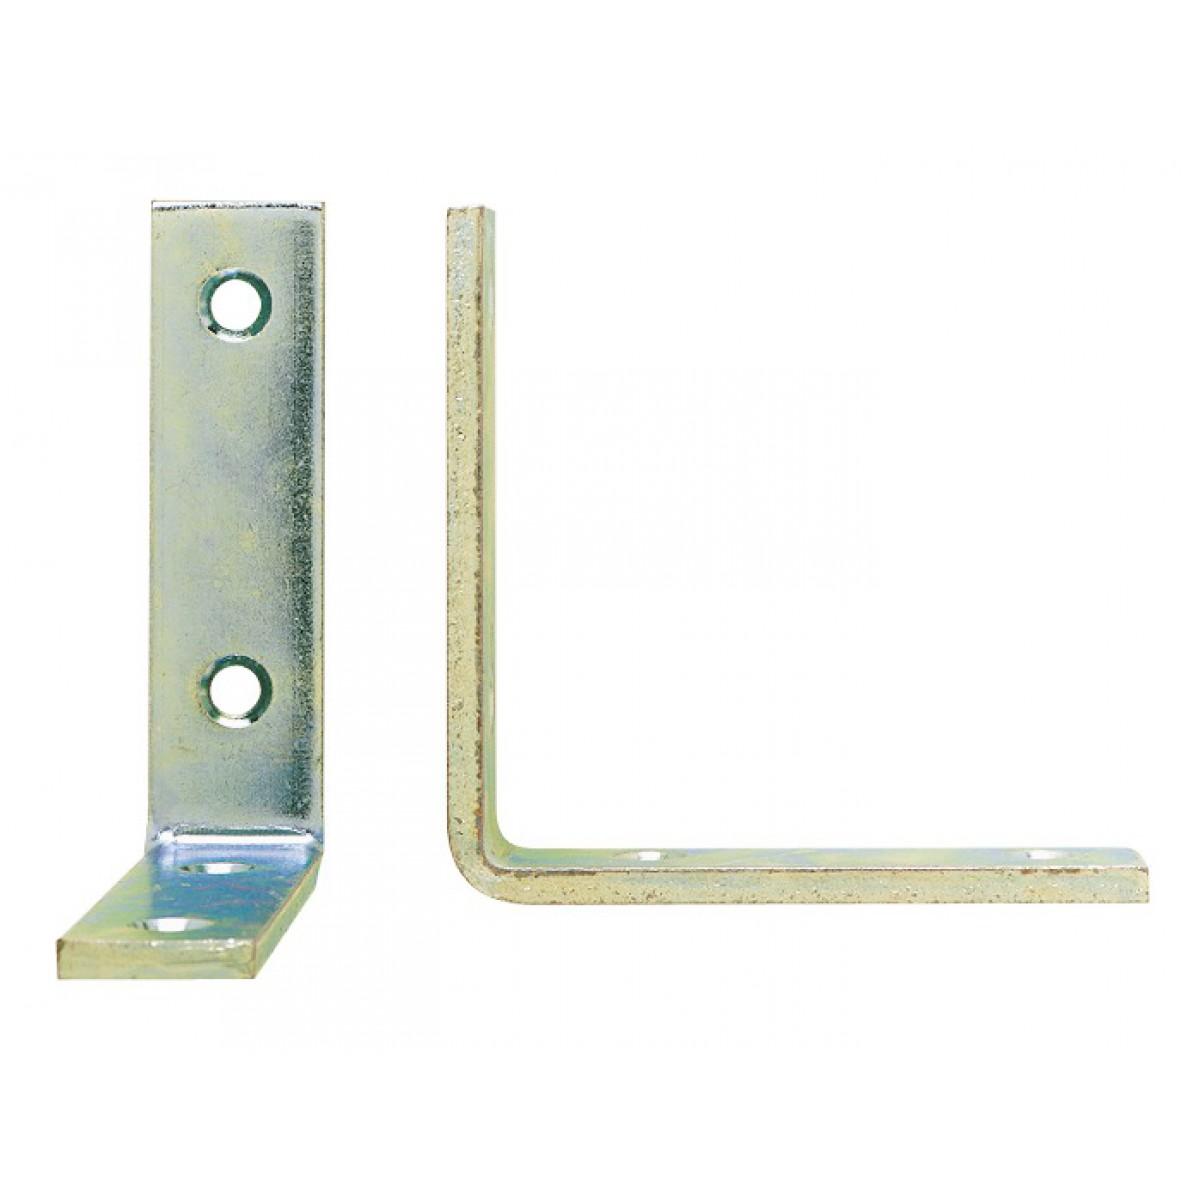 Equerre de renfort bouts carrés Jardinier Massard - Longueur Patte 100 mm - Largeur 18 mm